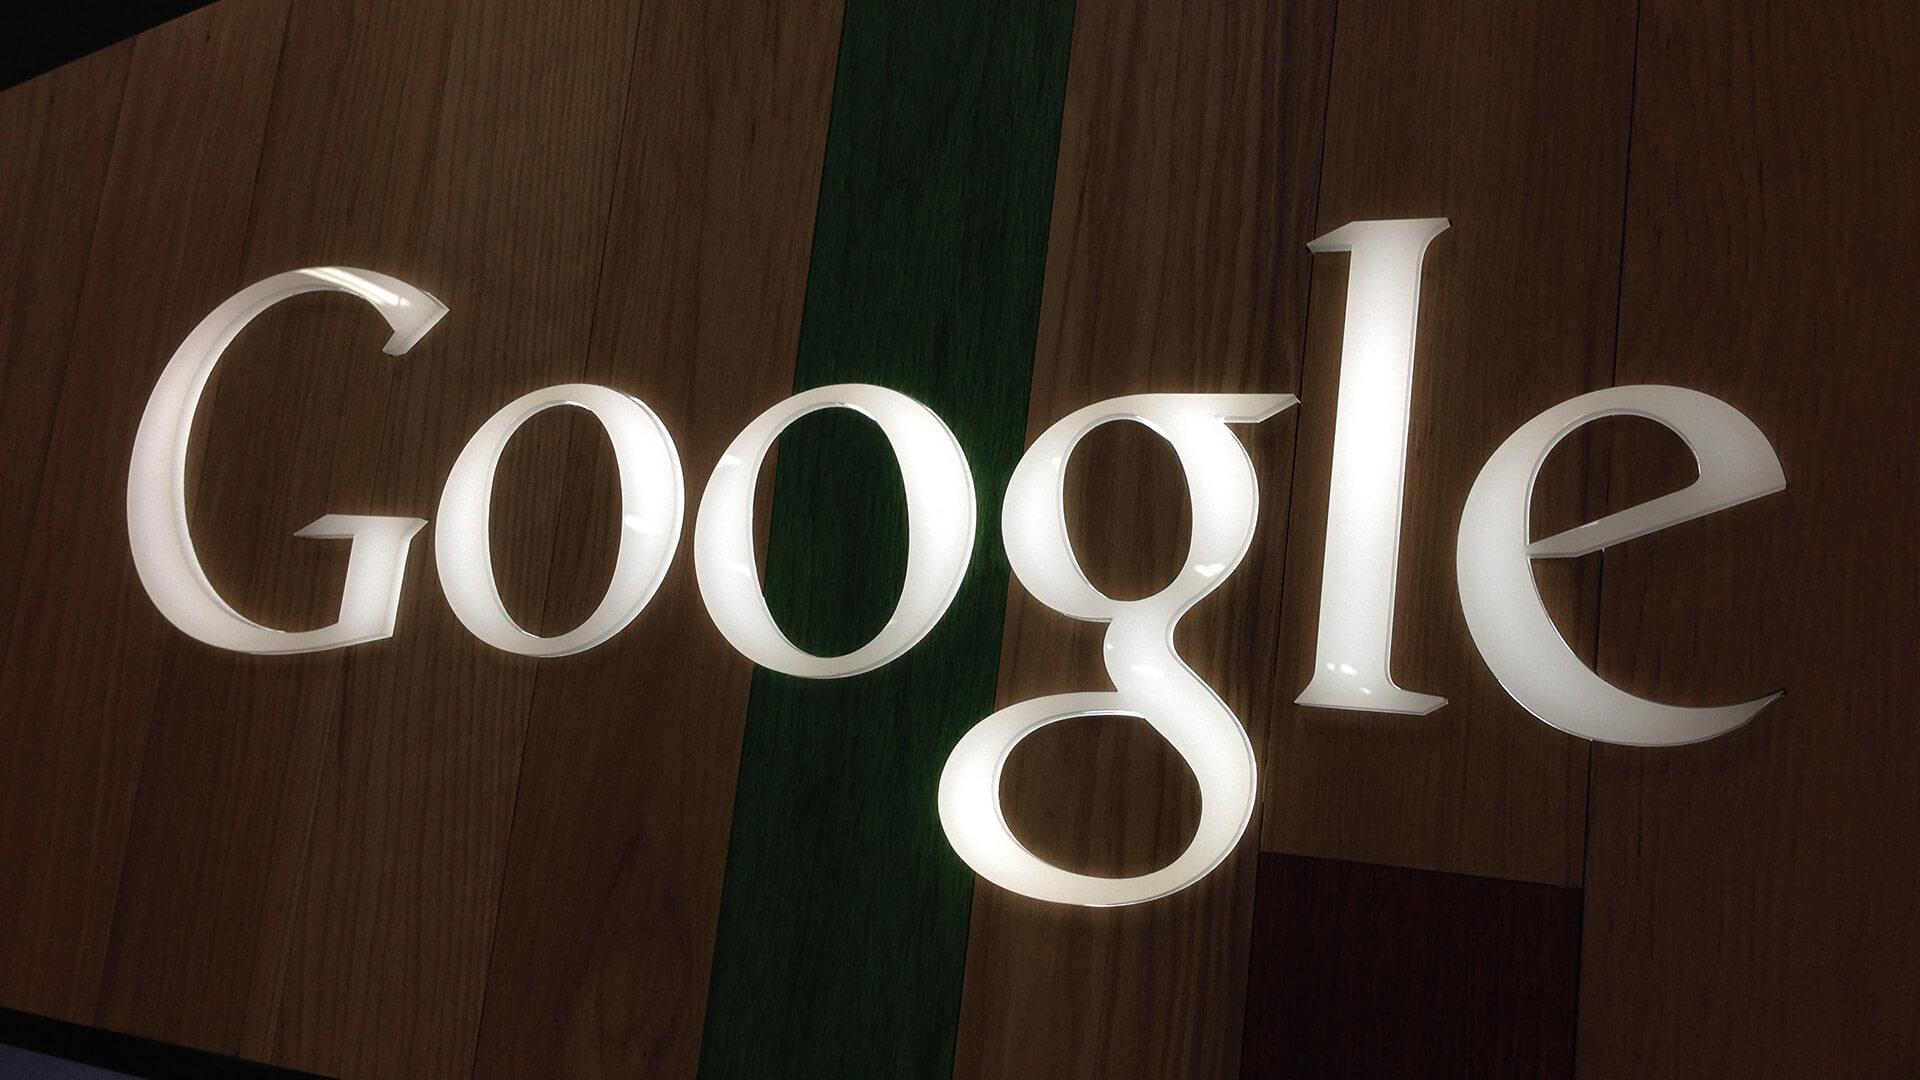 El 17% de crecimiento de Google en el volumen de clics es el más bajo desde 2010